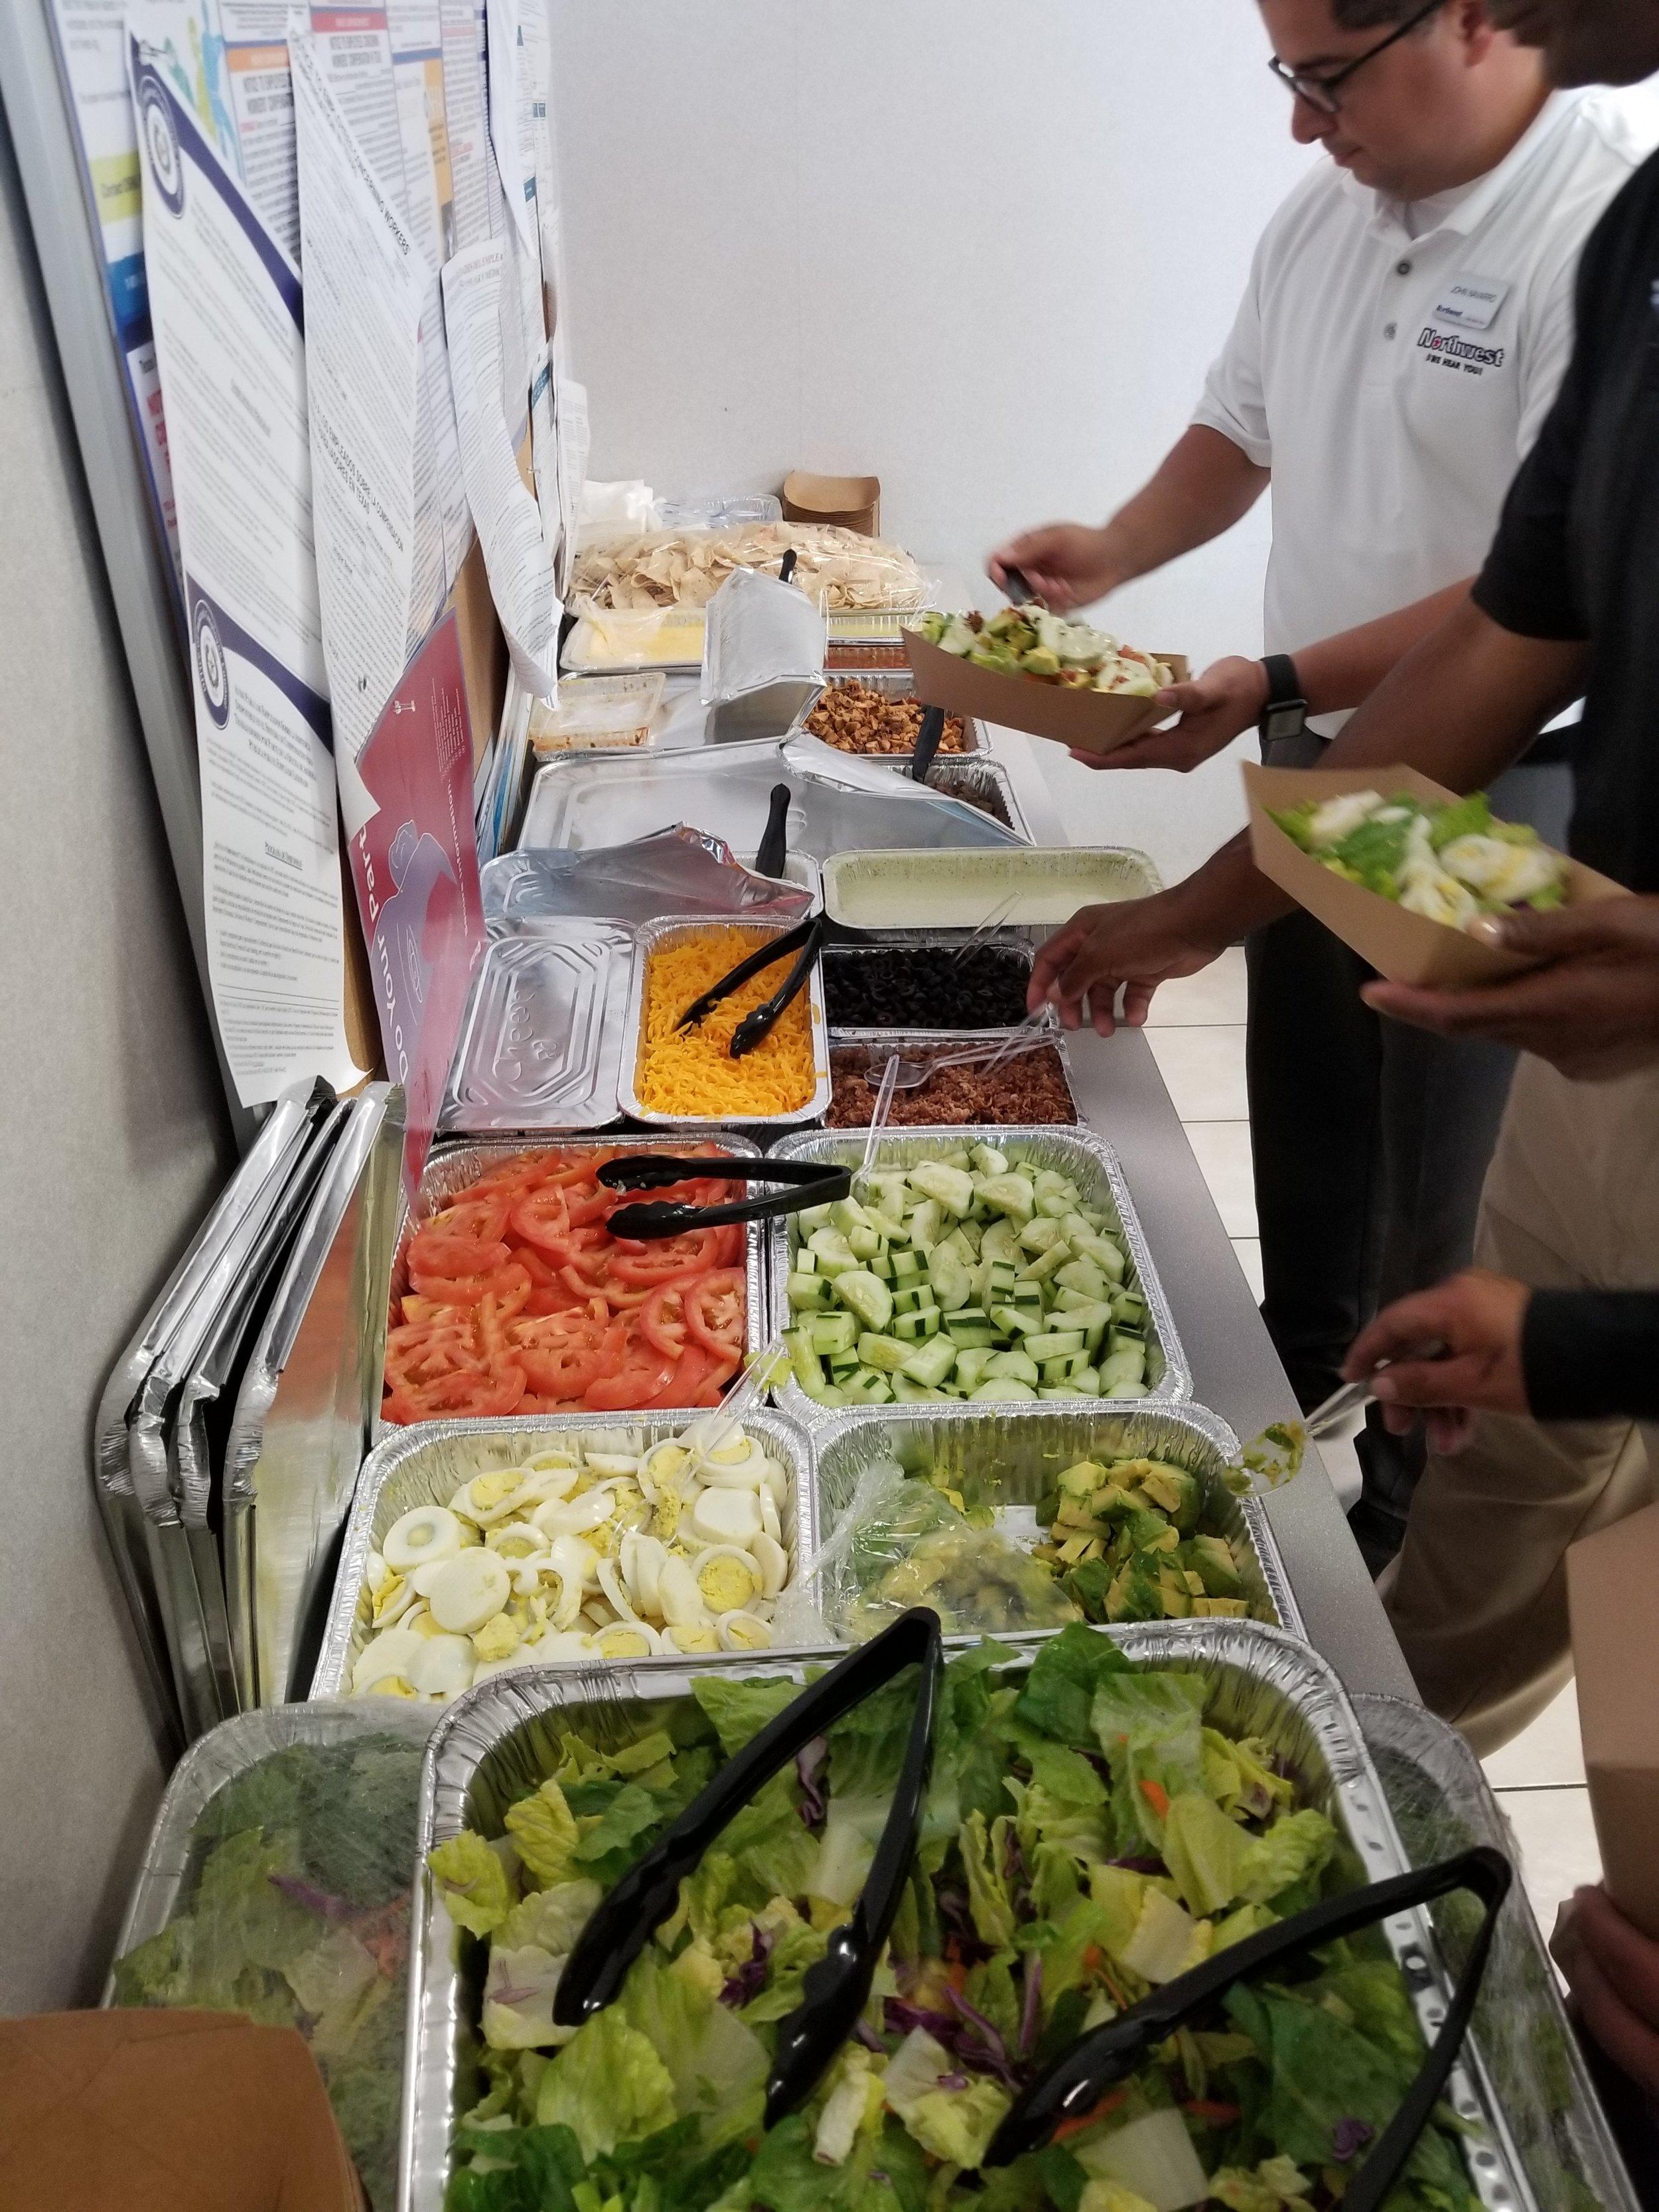 Fajita Salad Bar - Healthy Food Catering in Houston, Texas